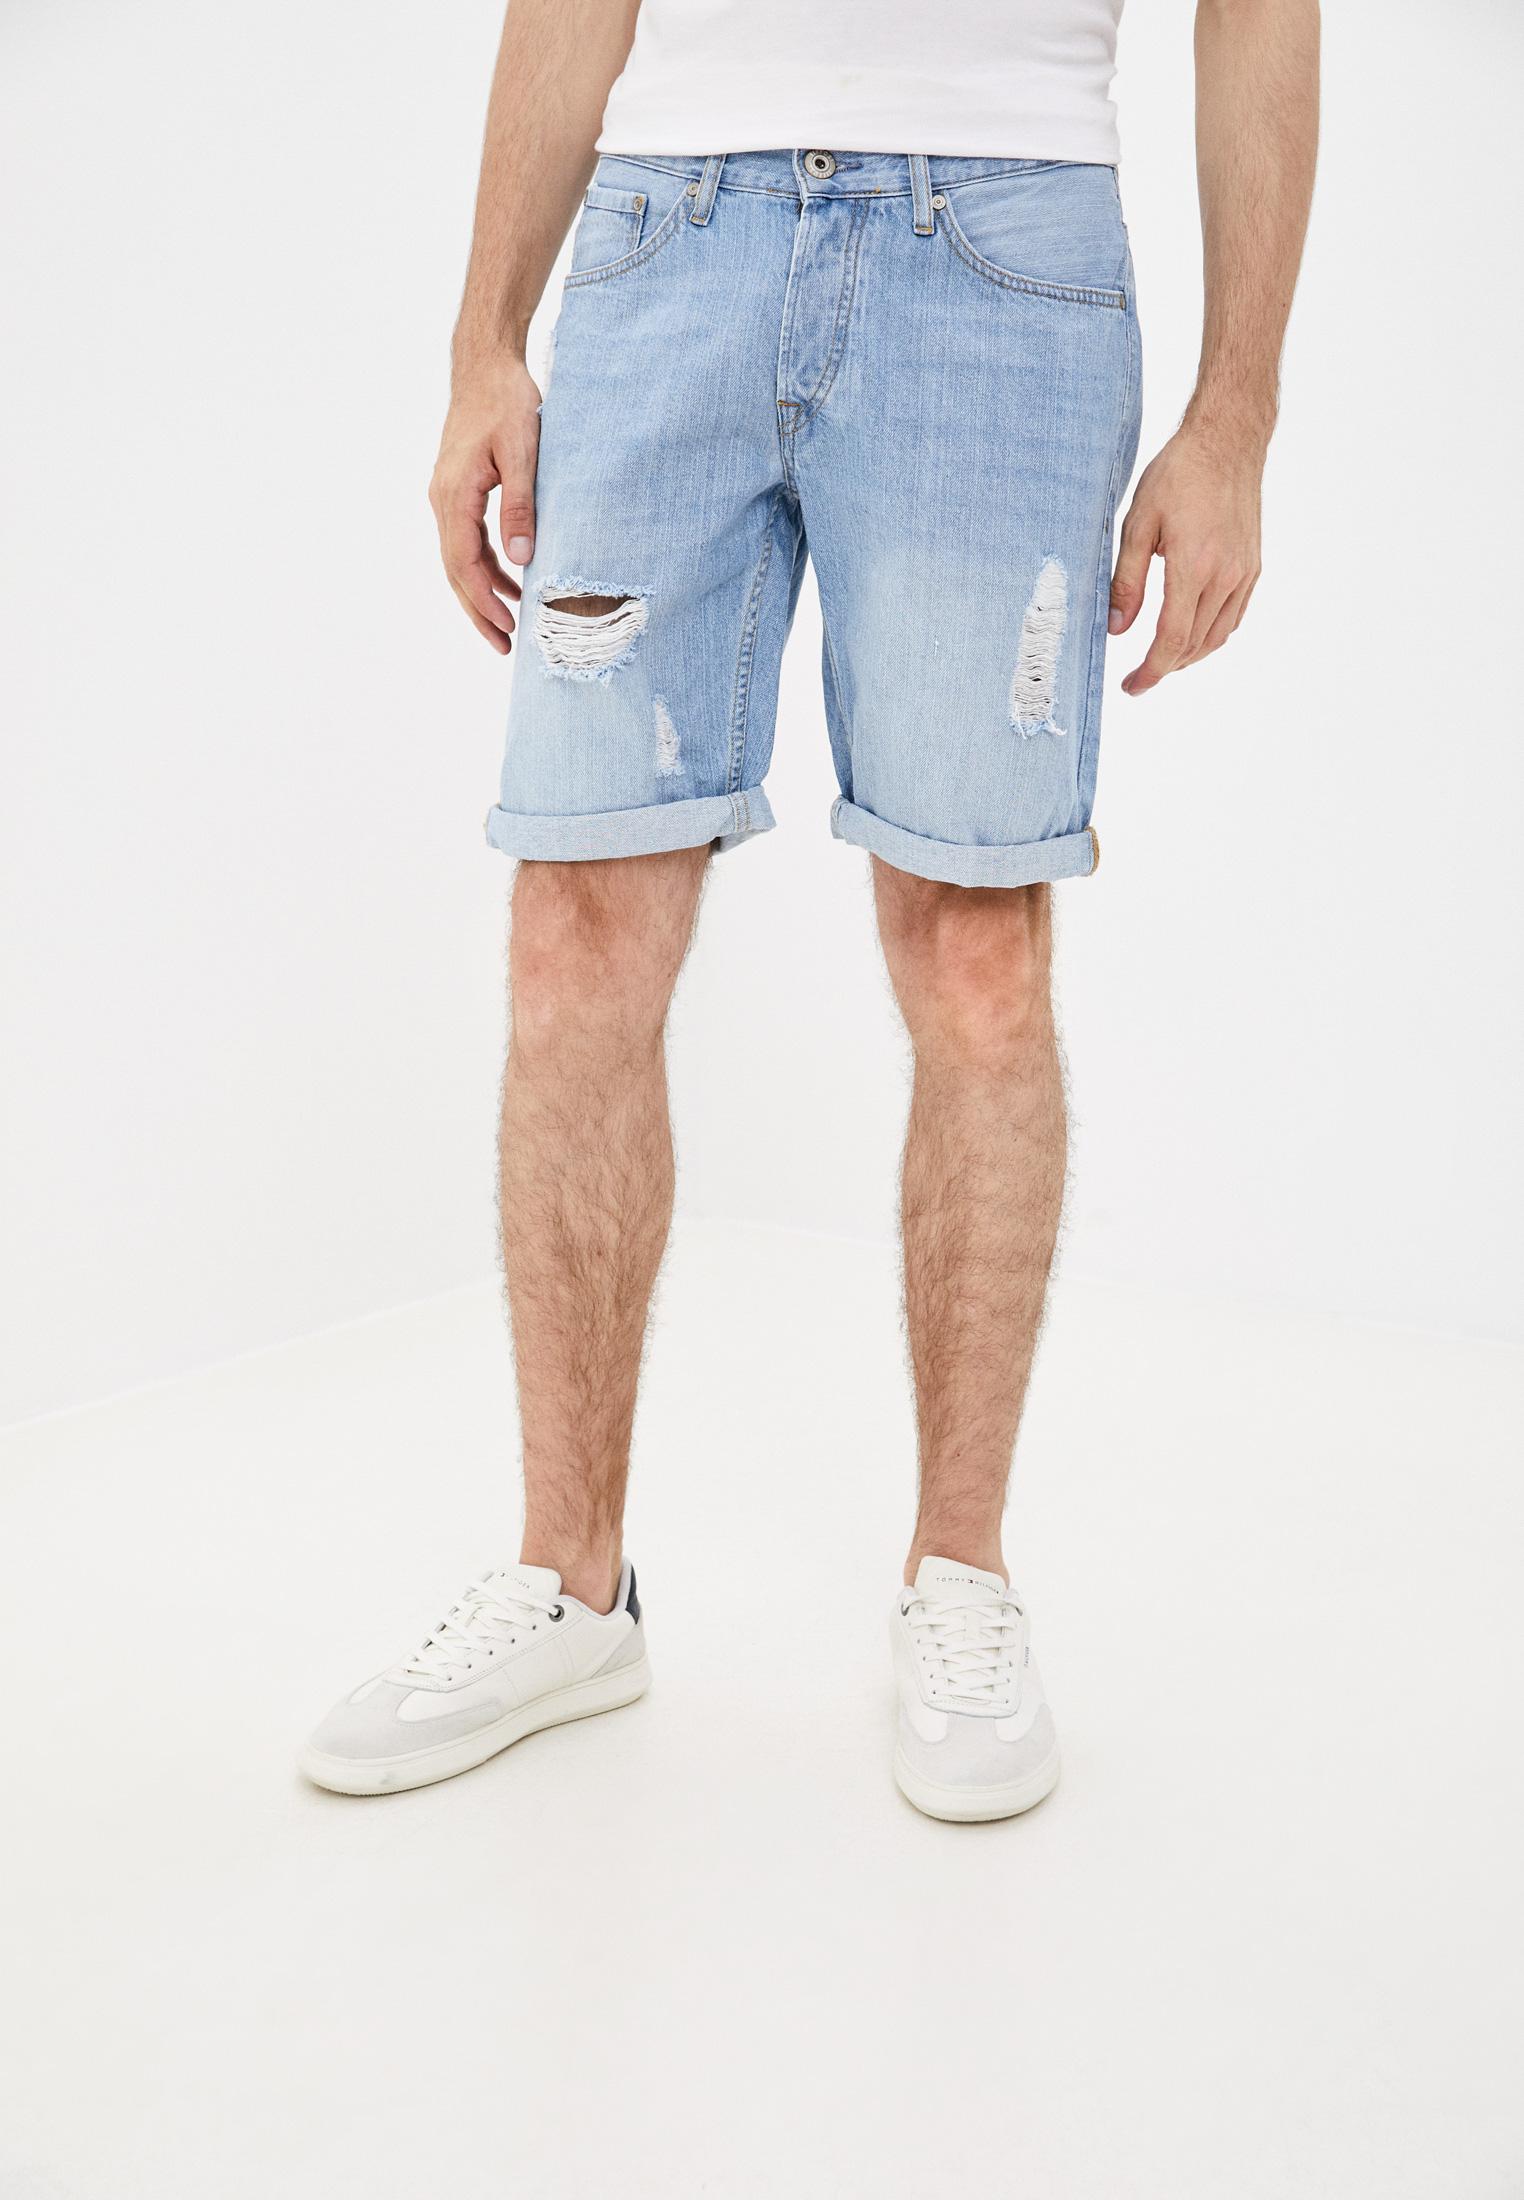 Мужские джинсовые шорты Tiffosi Шорты джинсовые Tiffosi